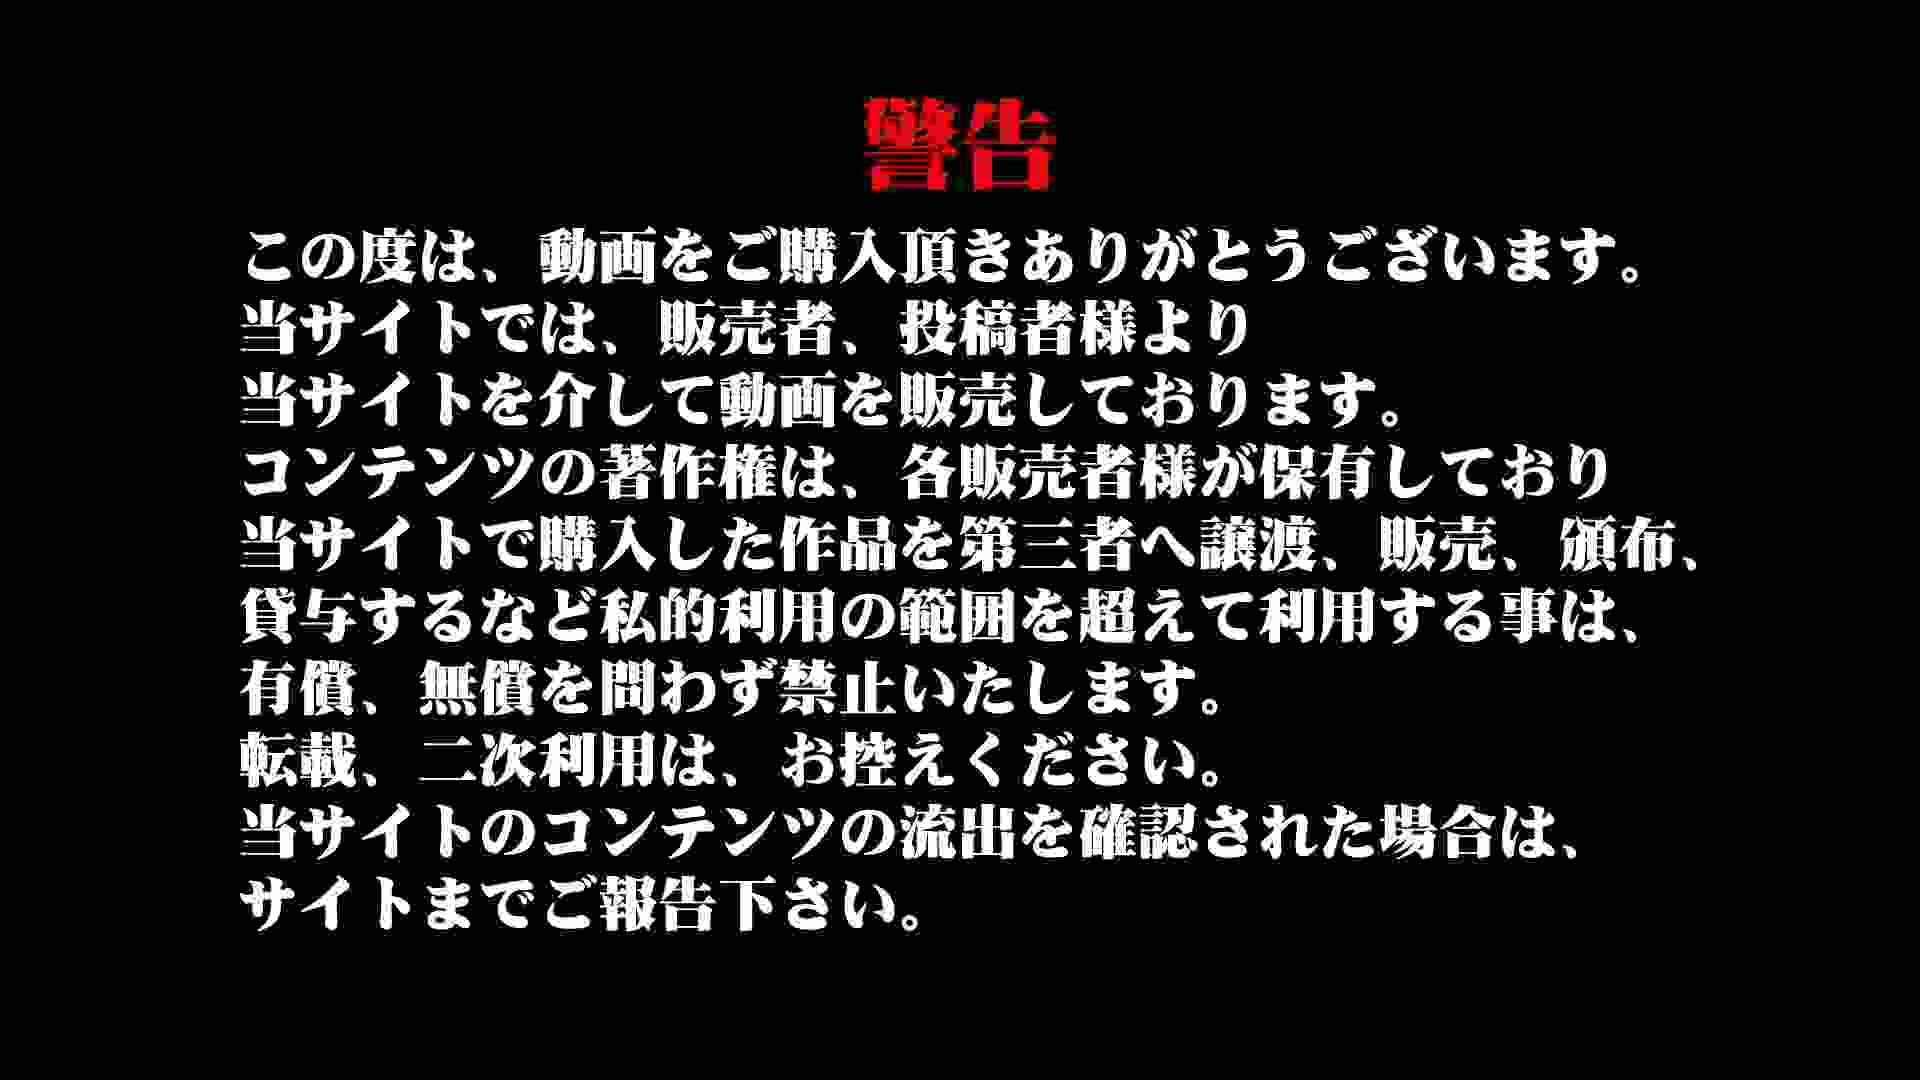 Aquaな露天風呂Vol.895 盗撮シリーズ  101PIX 14